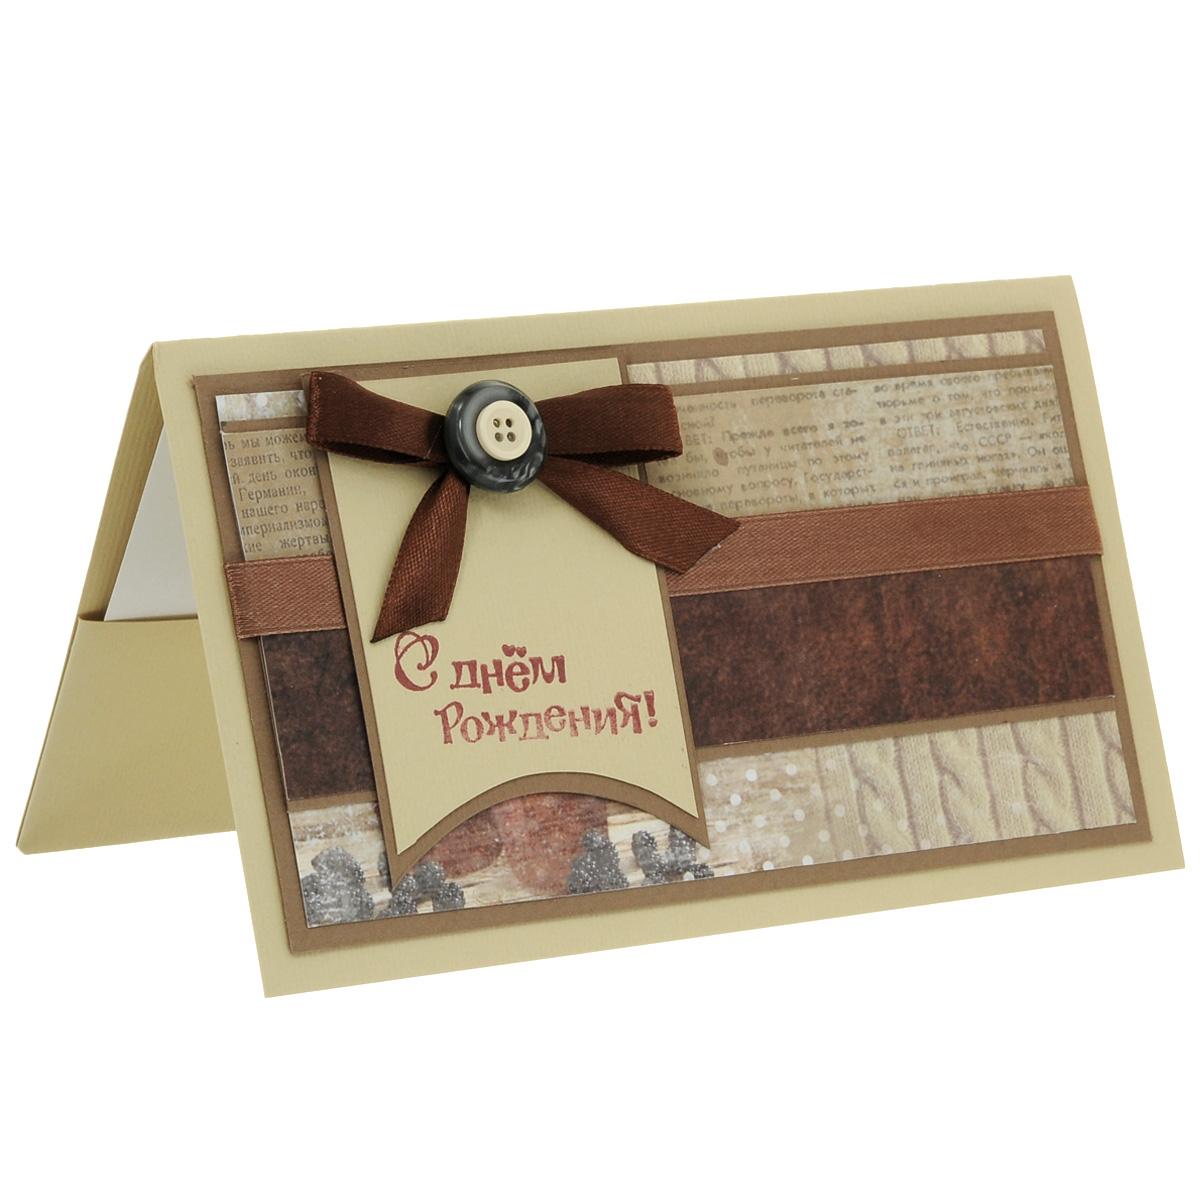 ОМ-0013 Открытка-конверт «Поздравляем!». Студия «Тётя Роза»123434Характеристики: Размер 19 см x 11 см.Материал: Высоко-художественный картон, бумага, декор. Данная открытка может стать как прекрасным дополнением к вашему подарку, так и самостоятельным подарком. Так как открытка является и конвертом в который вы можете вложить ваш денежный подарок или просто написать ваши пожелания на вкладыше. Конверт выполнен в старинном винтажном стиле.Дизайн построен на сочетании коричневых оттенков.В лицевой части поздравления использованы различные принты, напоминающие своими рисунком разно-фактурные материалы. Атласная лента, бант и пуговицы выразительно декорируют общую идею. Также открытка упакована в пакетик для сохранности.Обращаем Ваше внимание на то, что открытка может незначительно отличаться от представленной на фото.Открытки ручной работы от студии Тётя Роза отличаются своим неповторимым и ярким стилем. Каждая уникальна и выполнена вручную мастерами студии. (Открытка для мужчин, открытка для женщины, открытка на день рождения, открытка с днем свадьбы, открытка винтаж, открытка с юбилеем, открытка на все случаи, скрапбукинг)